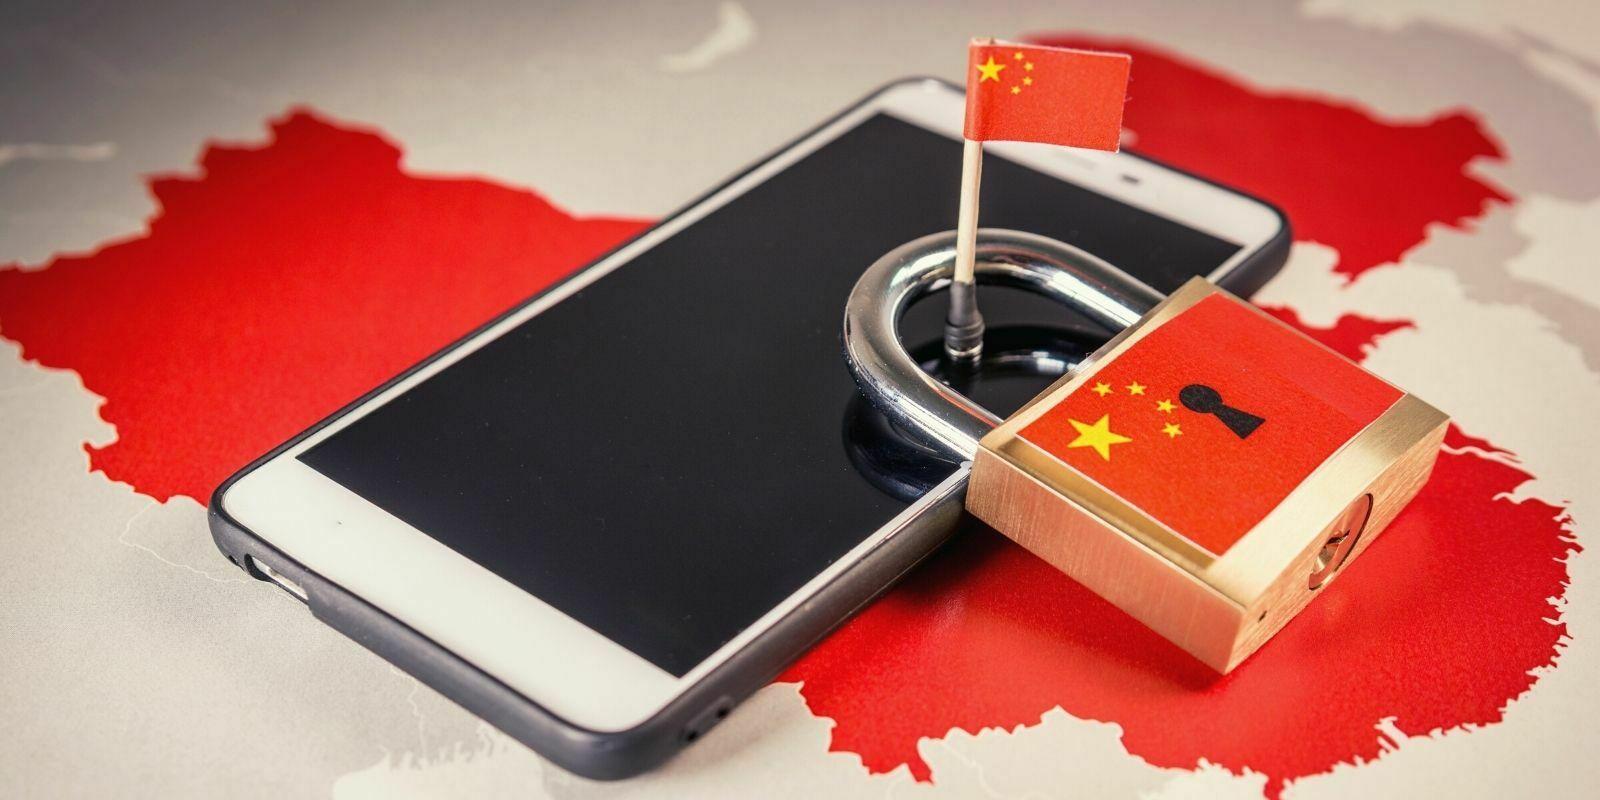 Chine : le réseau social Weibo bloque les comptes de Binance, Huobi et OKEx